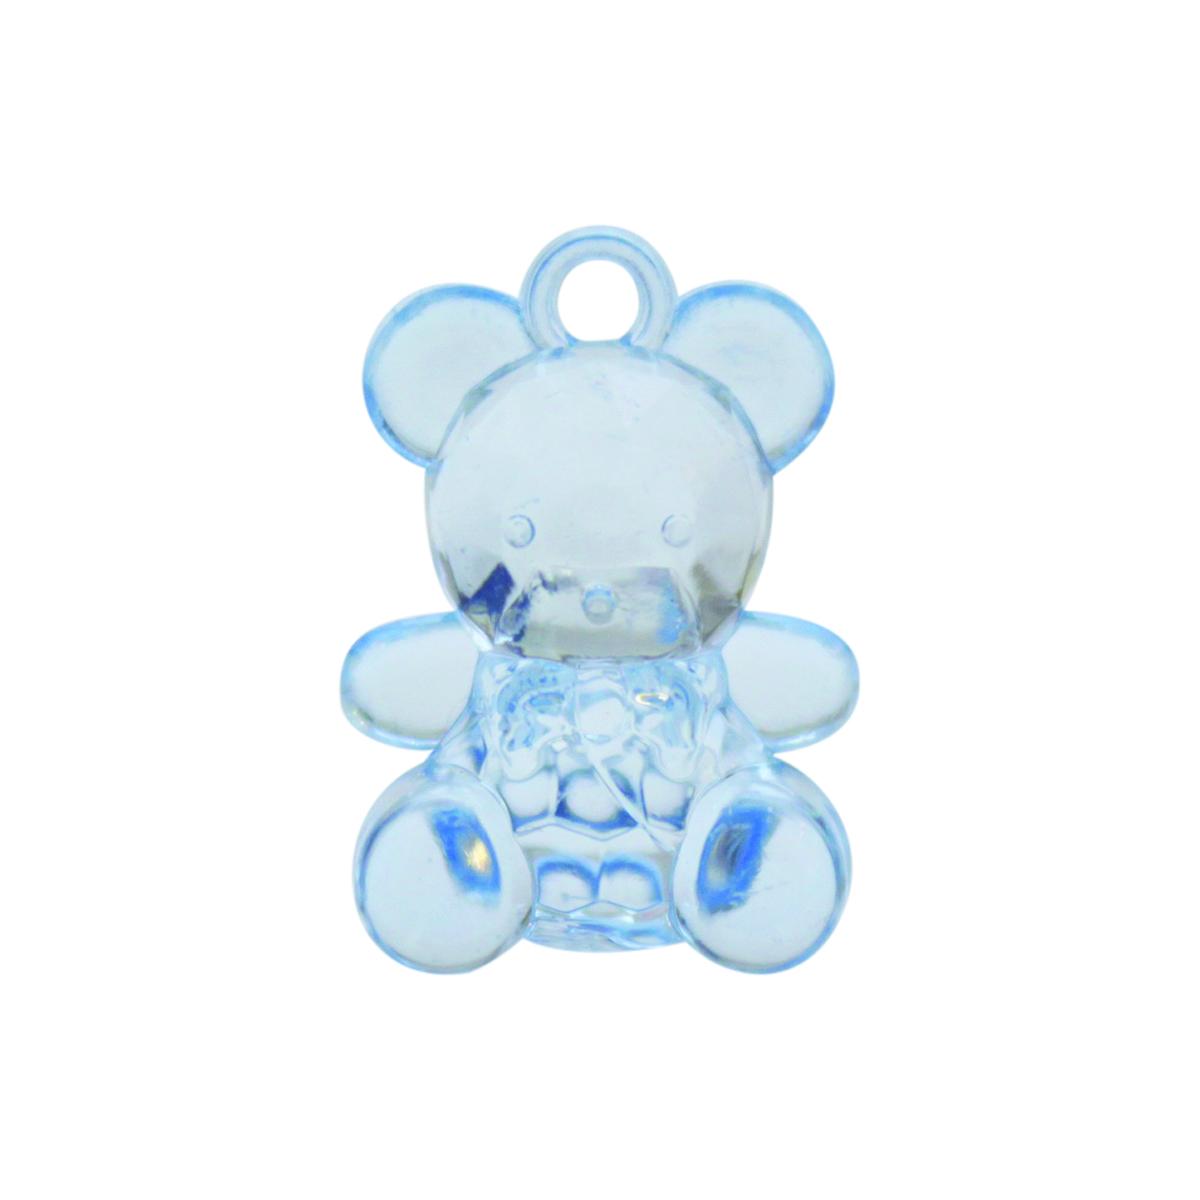 Декоративный элемент Lan Jing Ling Мишка, цвет: голубой, 6 шт494841_ голубойНабор Lan Jing Ling Мишка состоит из 6 декоративных элементов, изготовленных из пластика. С их помощью вы сможете украсить альбом, подарок и другие предметы ручной работы. Декоративные элементы в наборе имеют оригинальный и яркий дизайн. Размер элемента: 2 х 1 см.